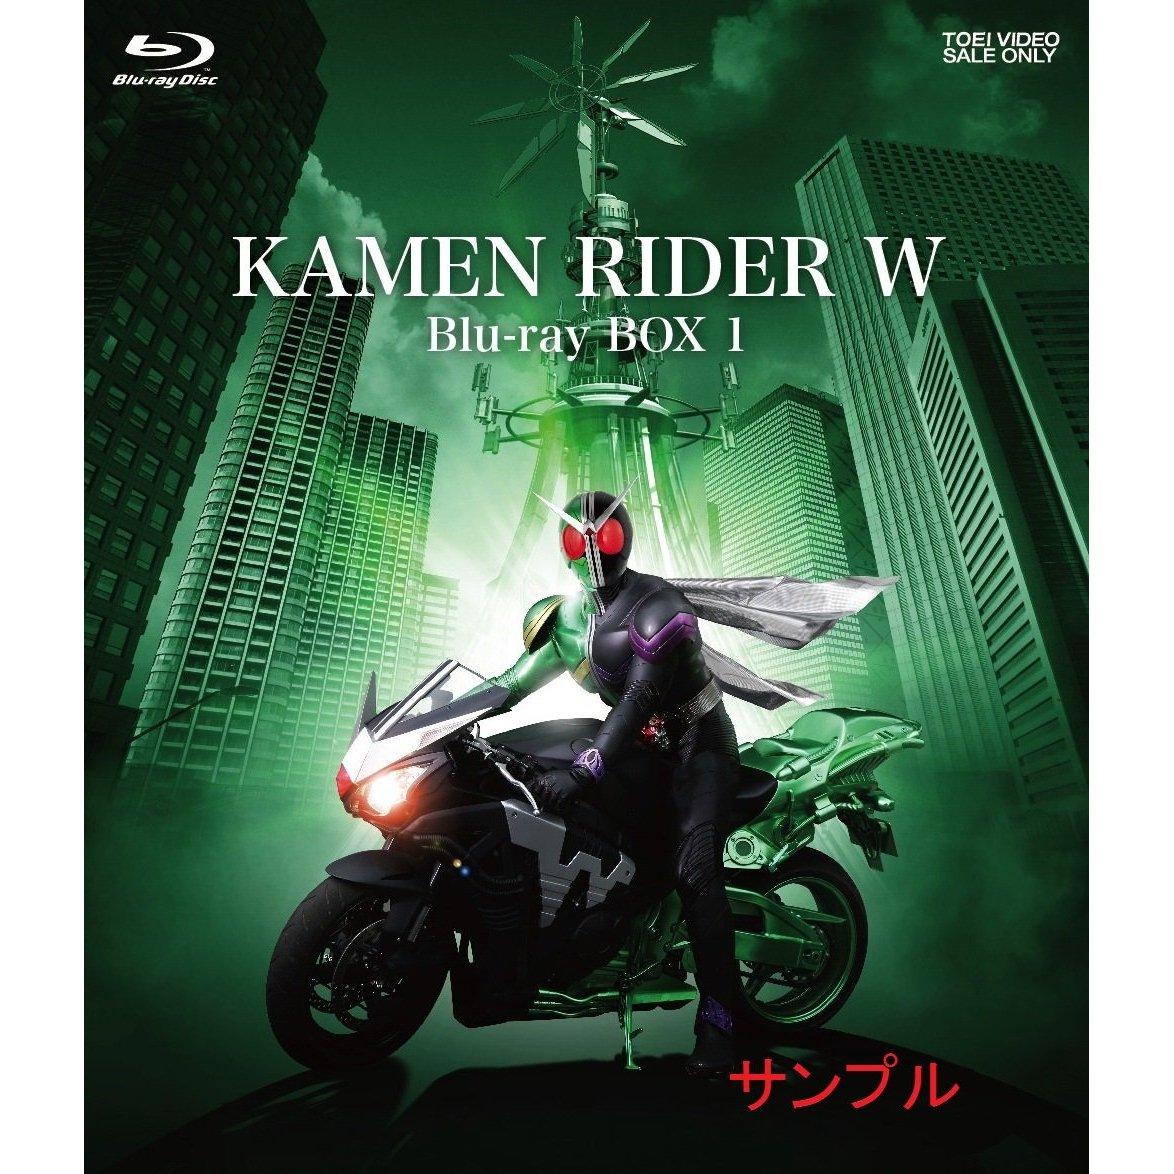 仮面ライダーダブル Blu-ray BOX 1【Blu-ray】 [ 桐山漣 ]...:book:16384315